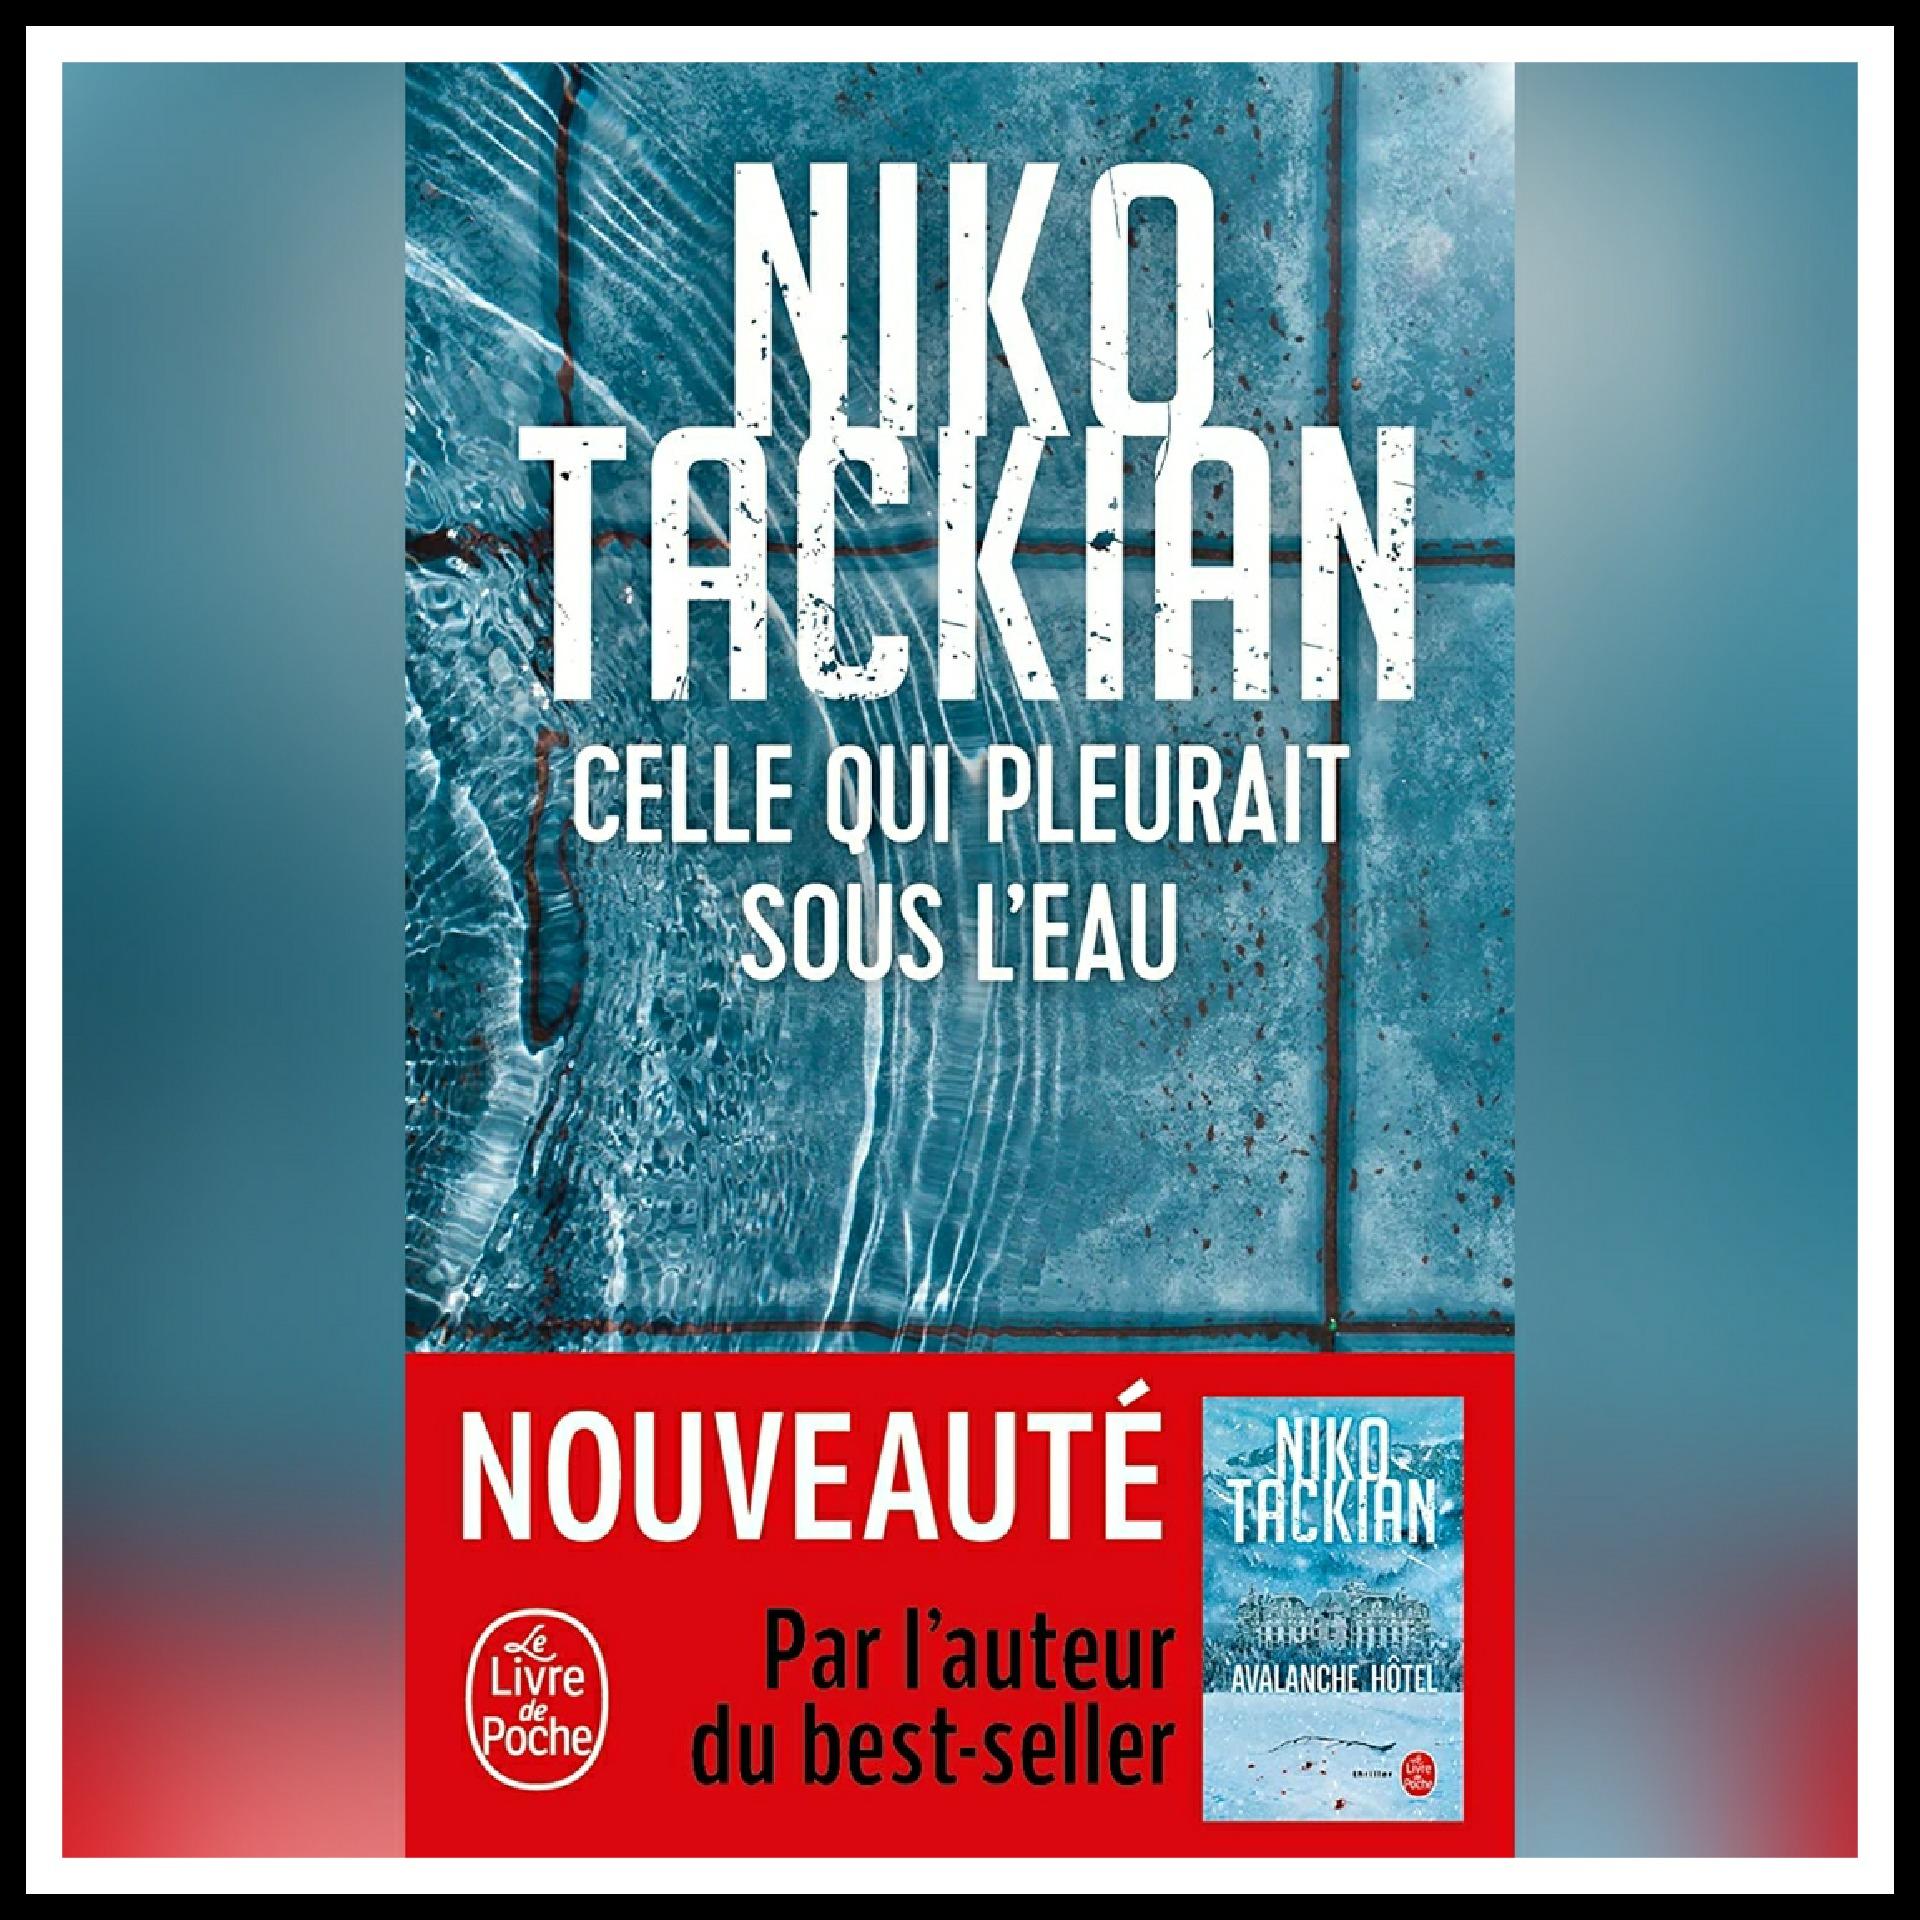 Chroniques 2020 \ Celle qui pleurait sous l'eau de Niko Tackian